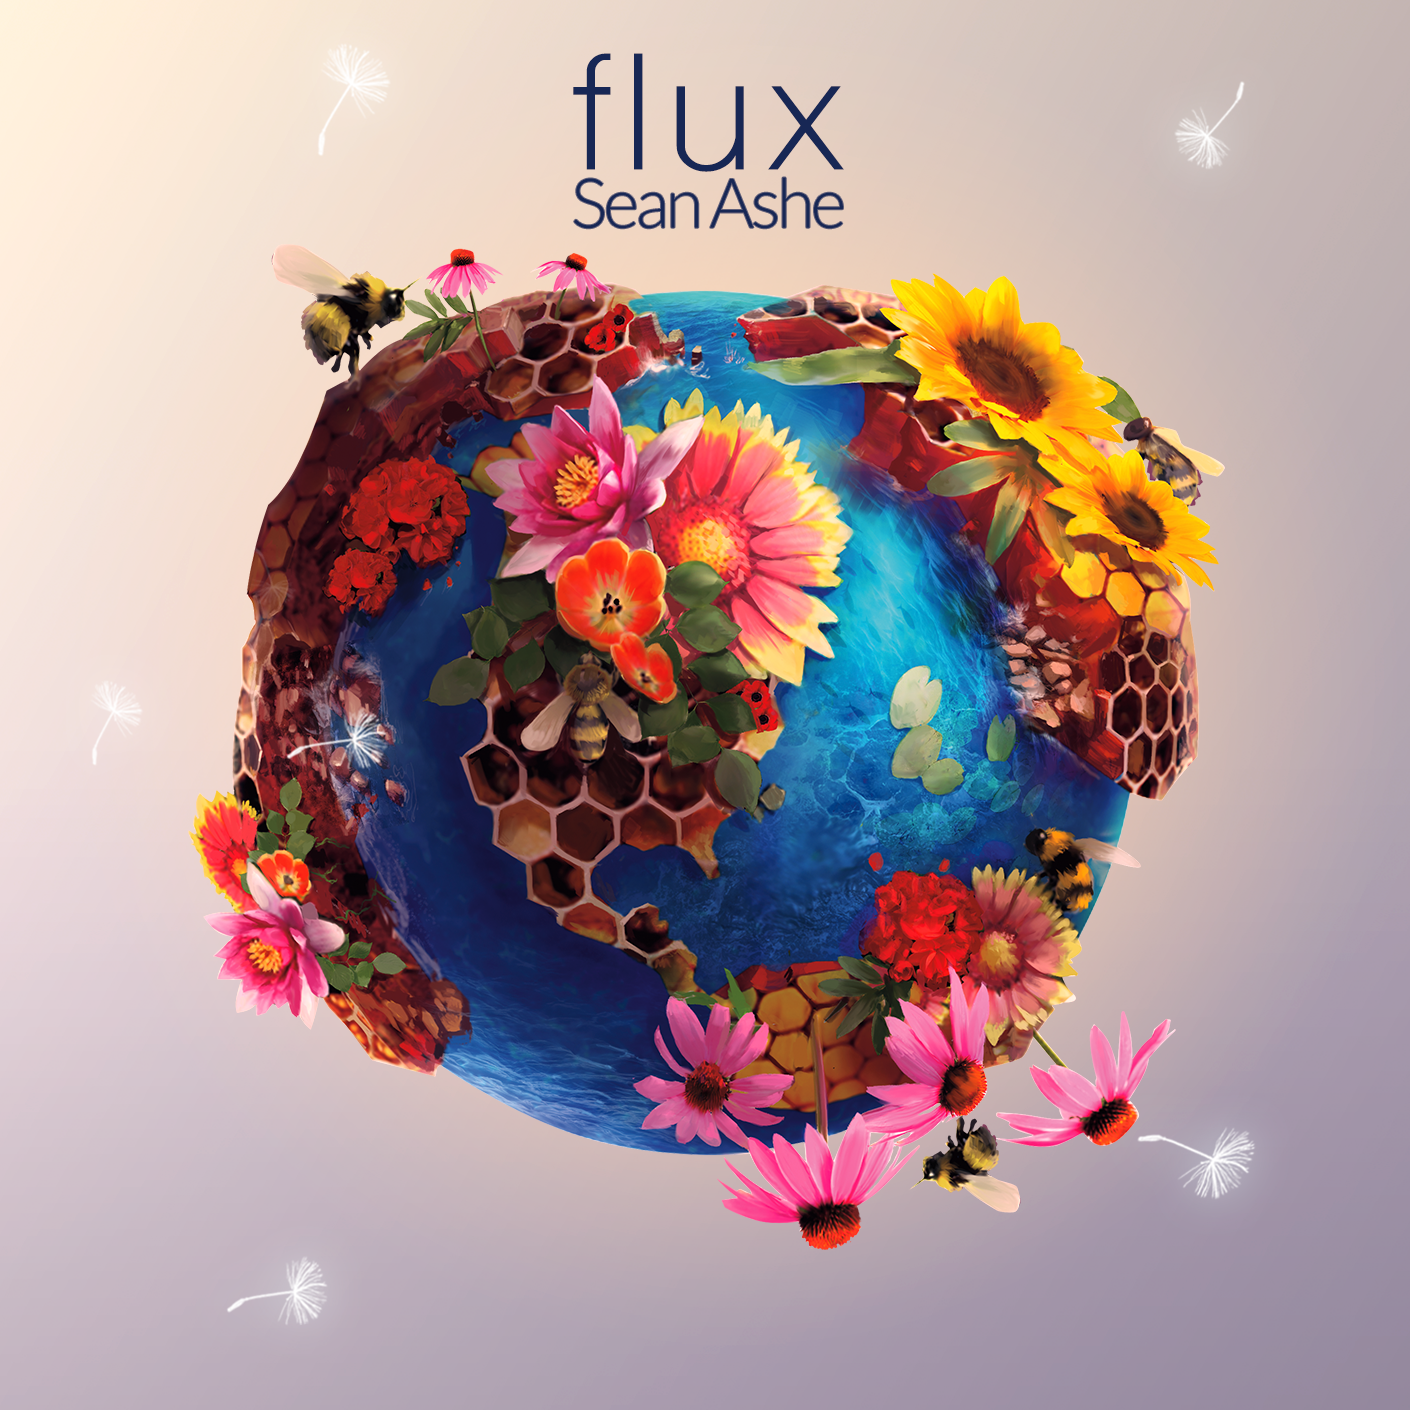 FluxAlbumArt